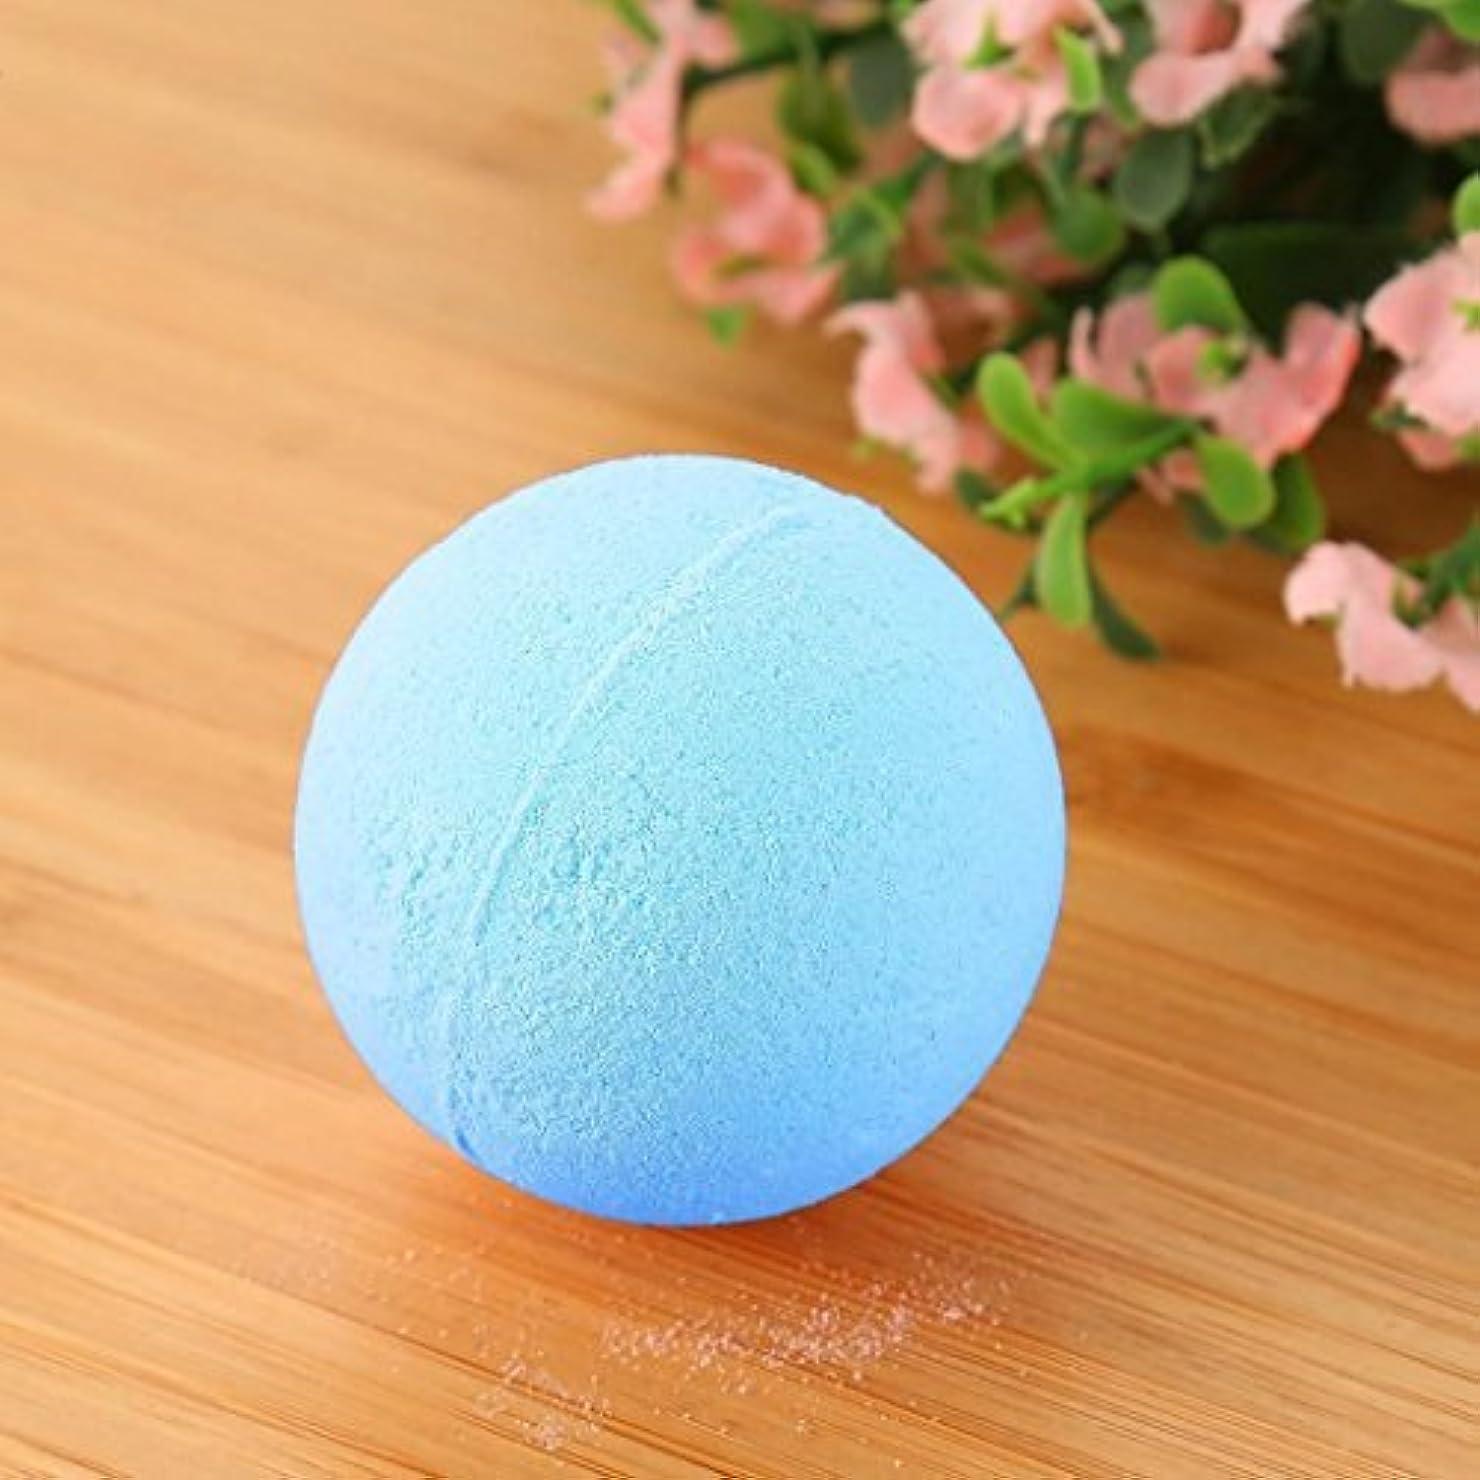 使い込むモードリンおばさんバブルボール塩塩浴リラックス女性のための贈り物